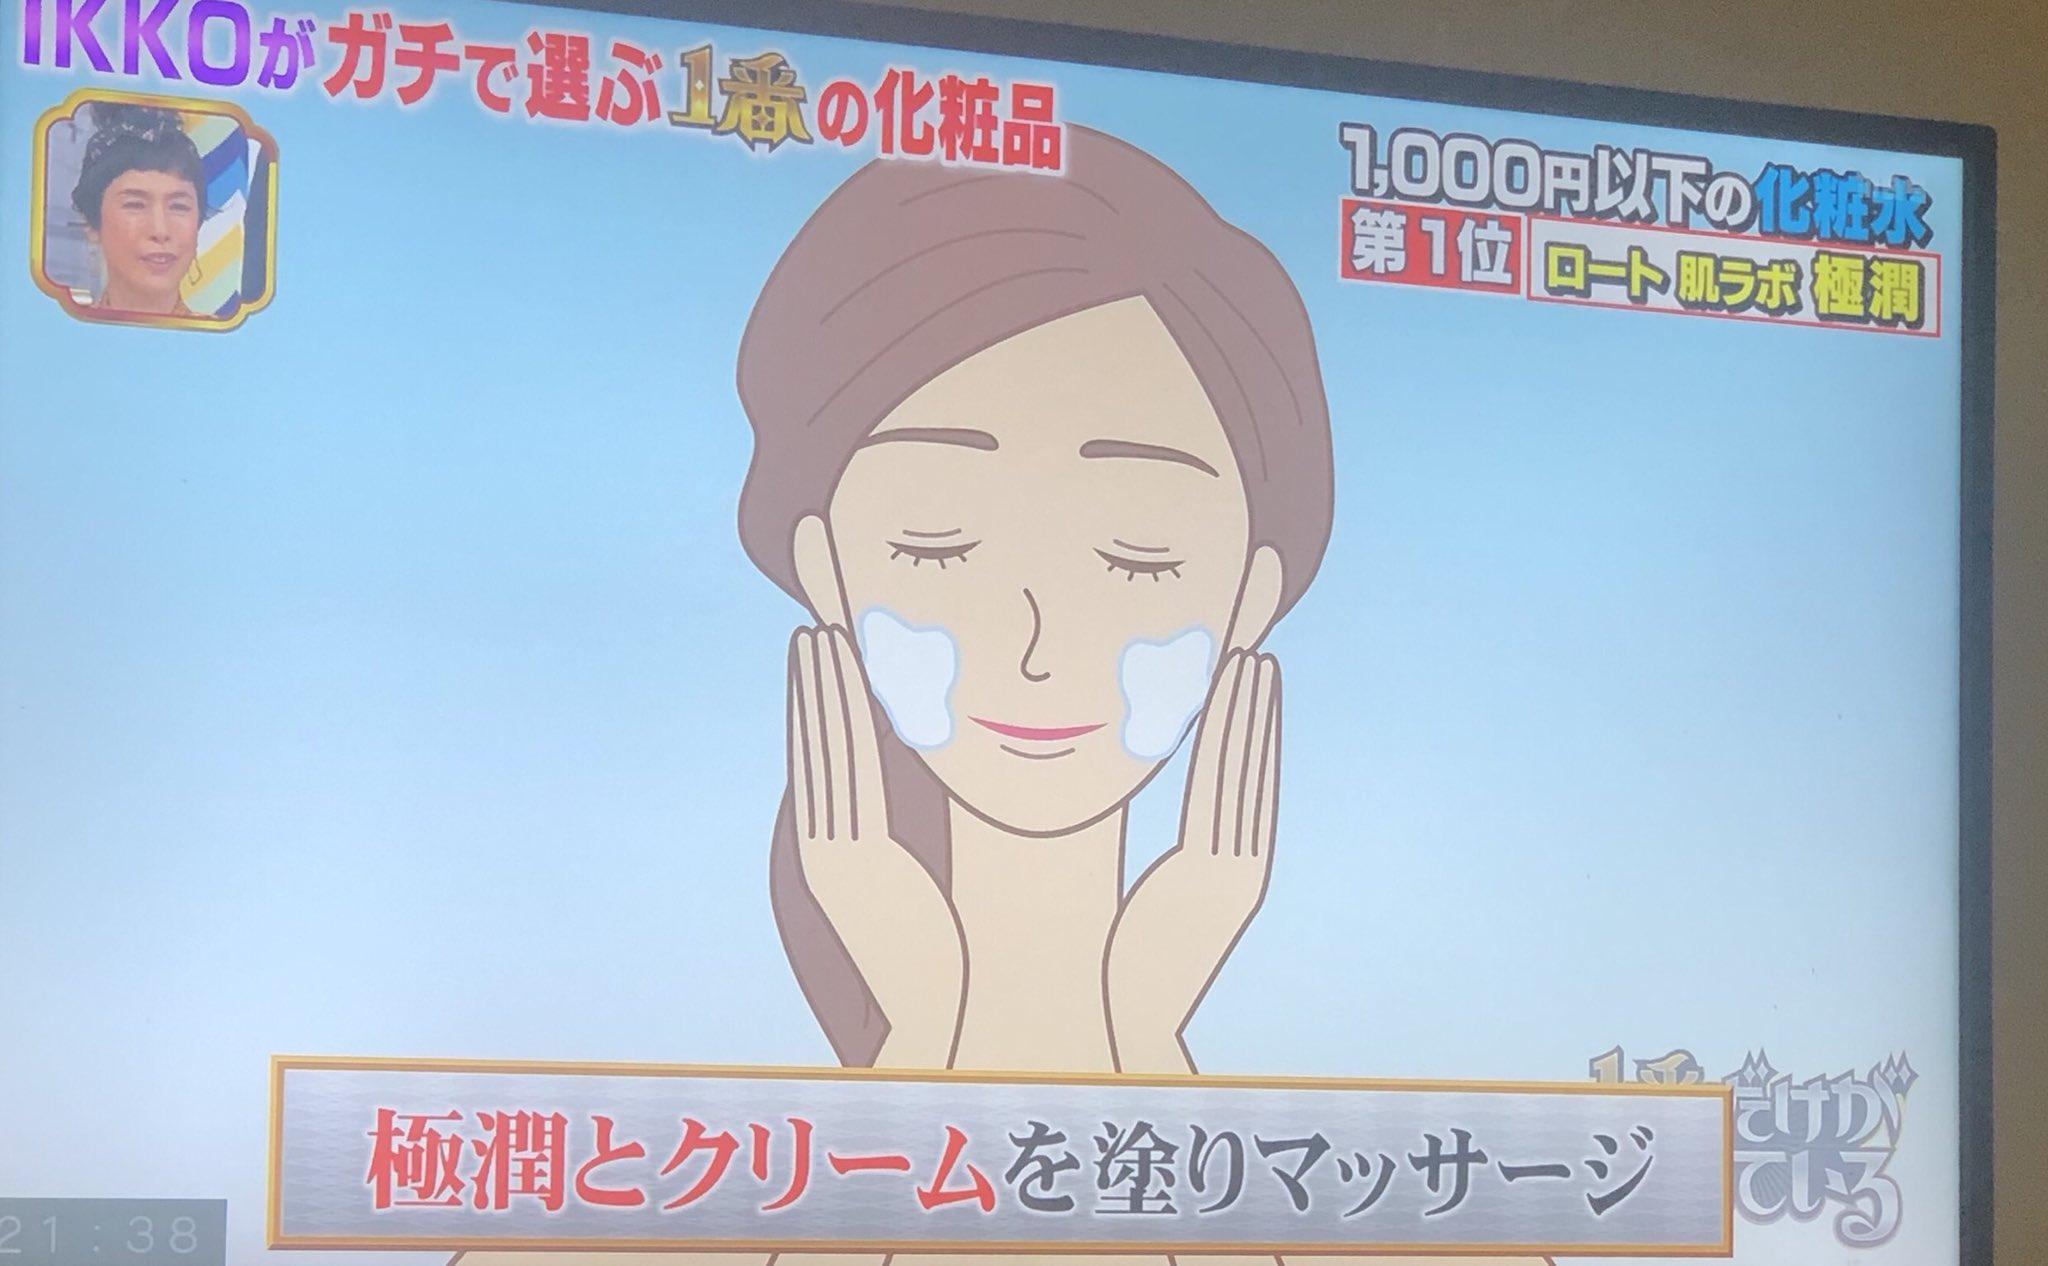 IKKOさんオススメの化粧水「極潤」!!!使用方法も紹介しています!!!